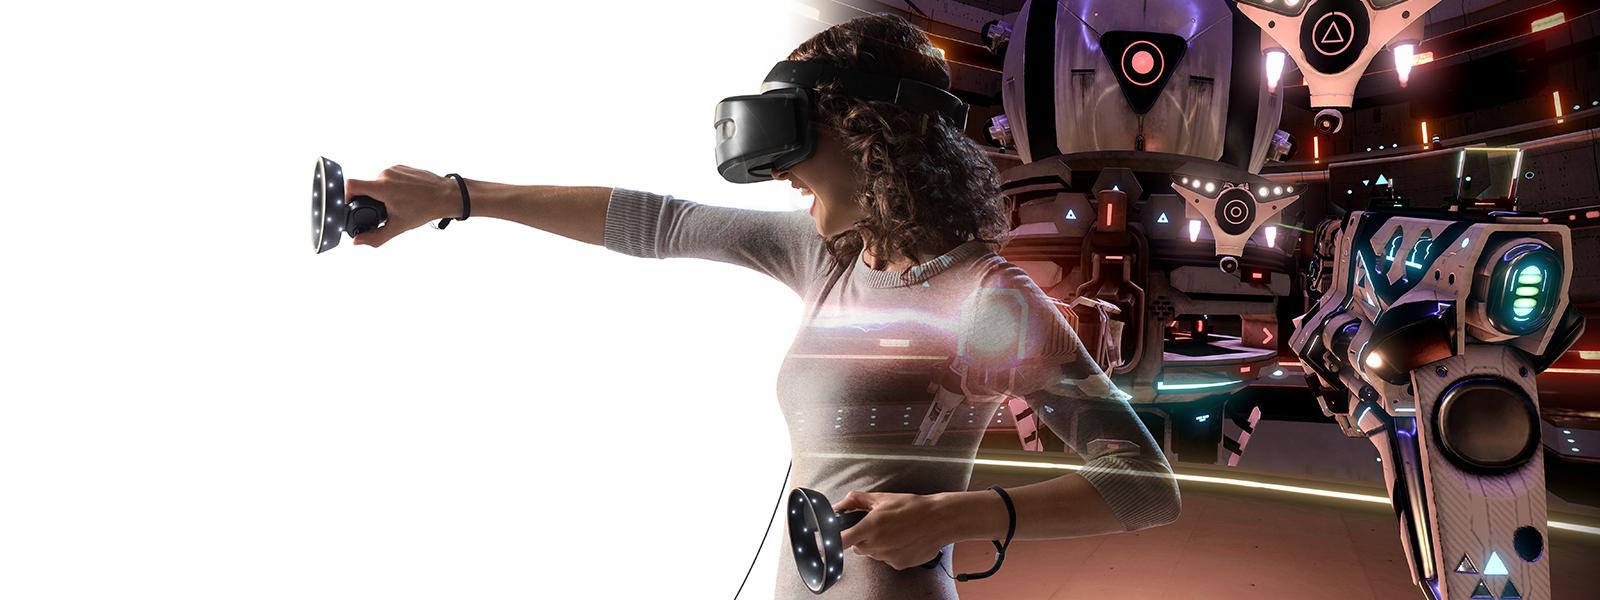 Une femme qui utilise du matériel Windows Mixed Reality pour jouer au jeu Space Pirate Trainer